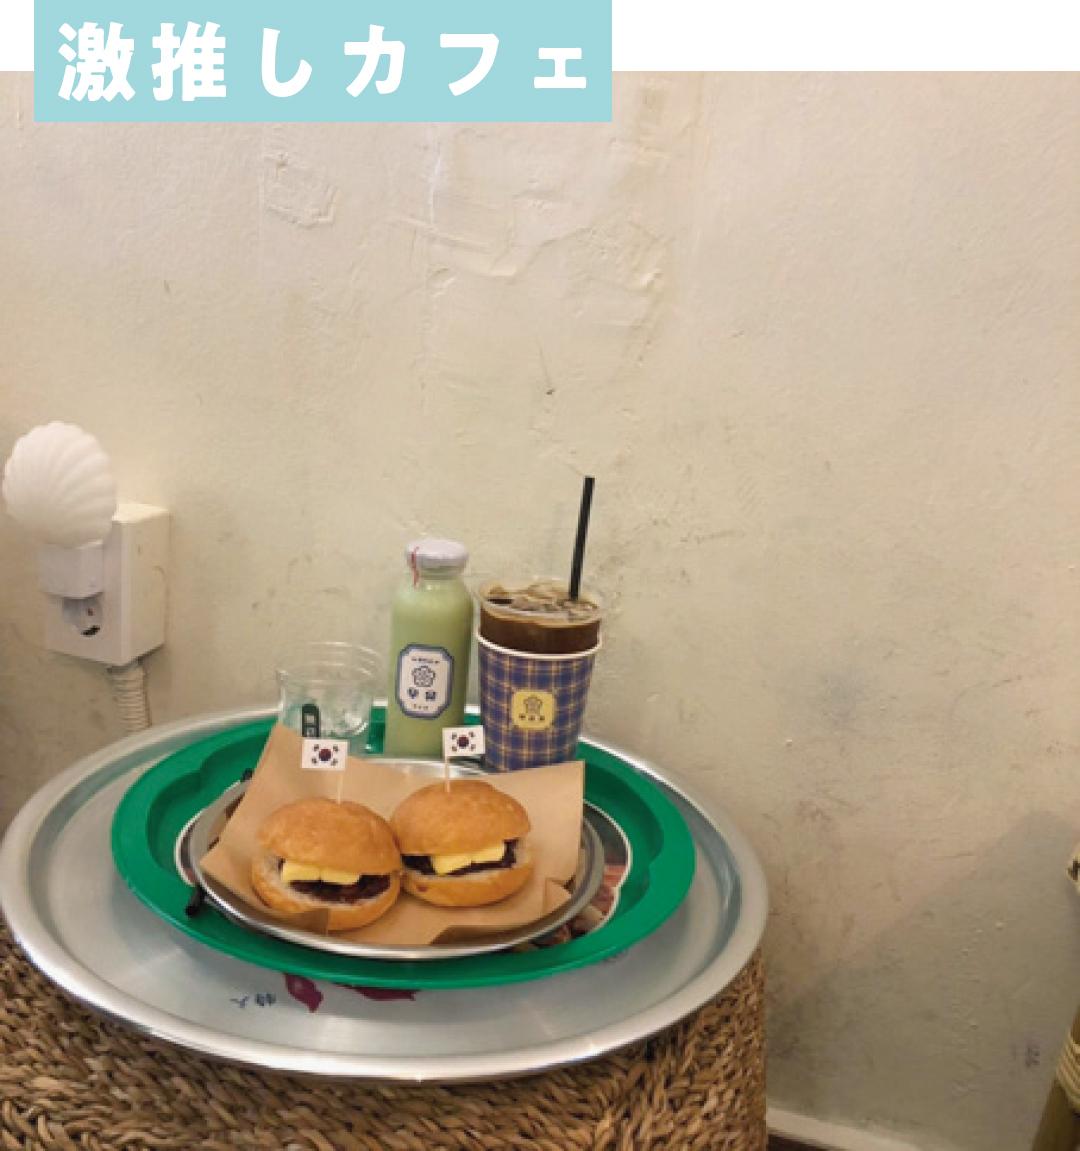 韓国旅行の前にチェック! マニアの推しホテル&カフェ8選♡【韓国トレンドこれくる2019】_1_2-8